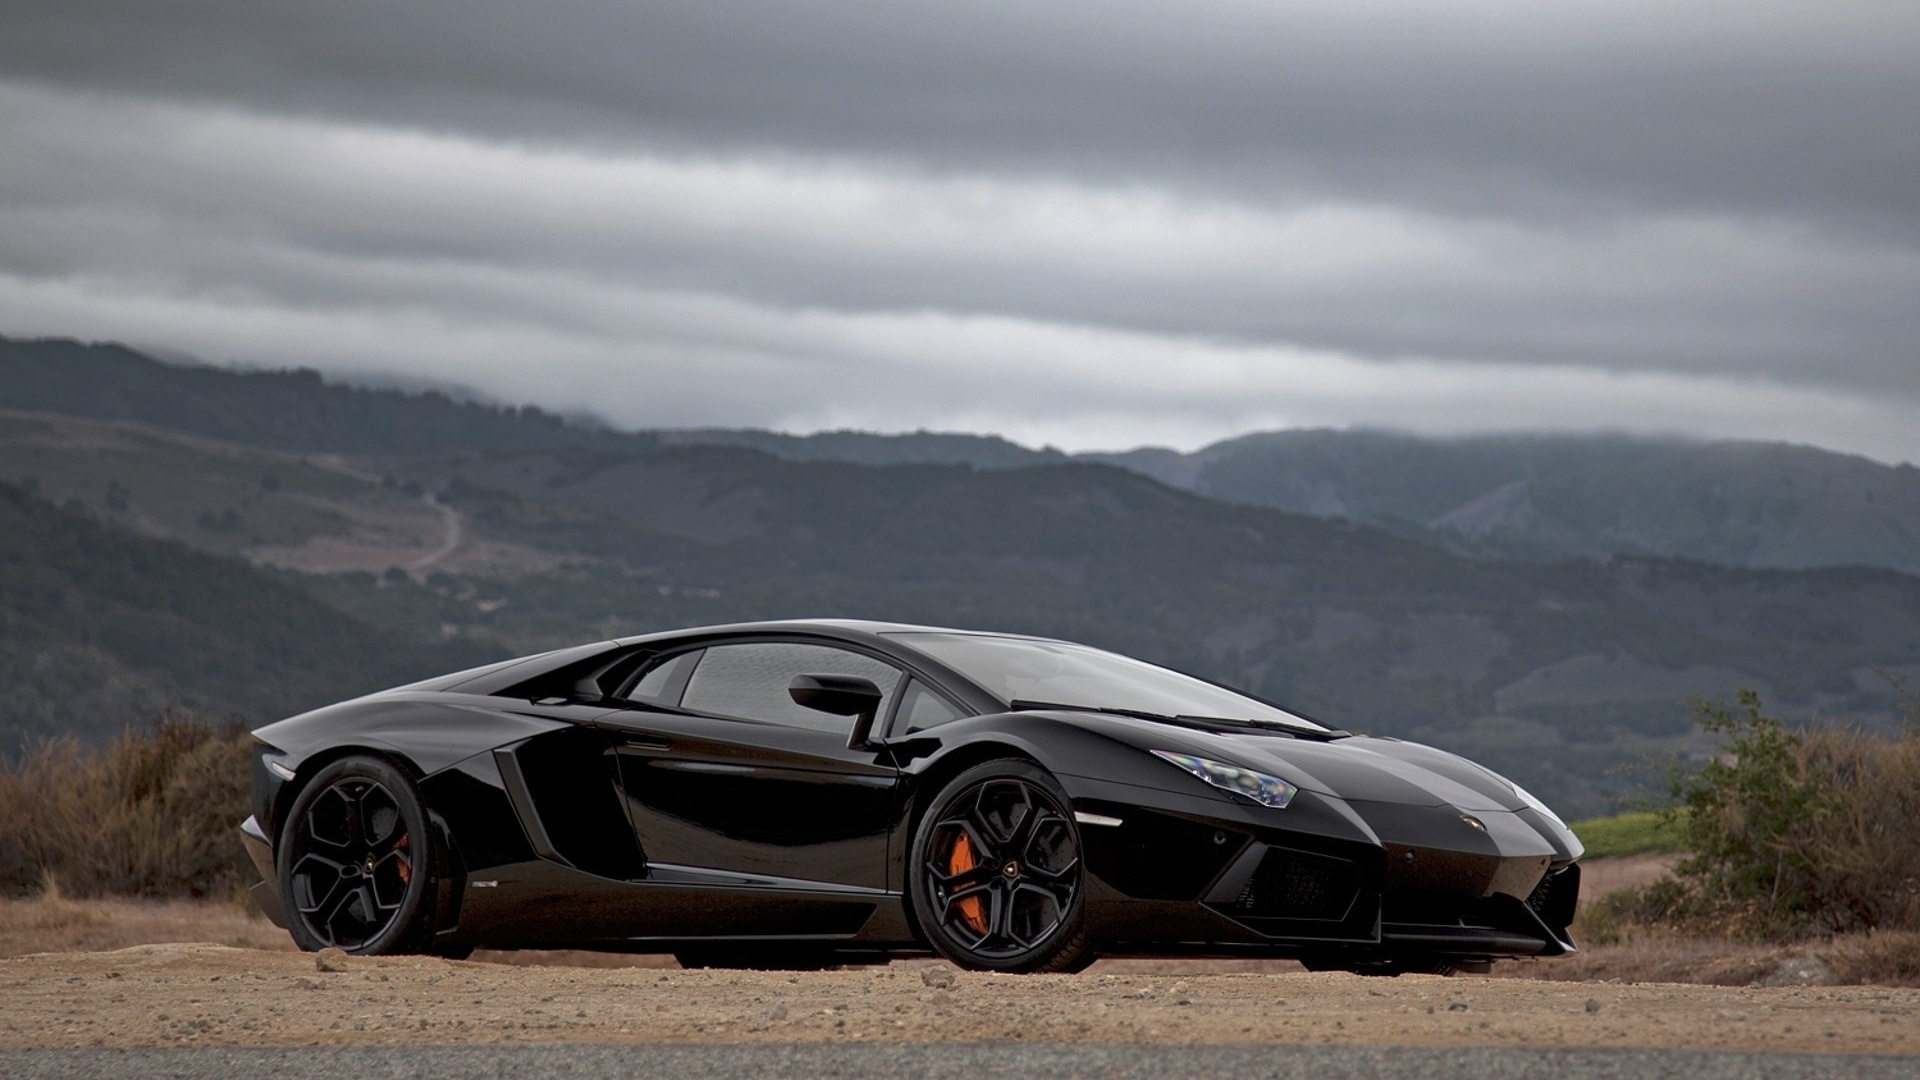 44 Lamborghini Aventador Wallpaper 1080p On Wallpapersafari